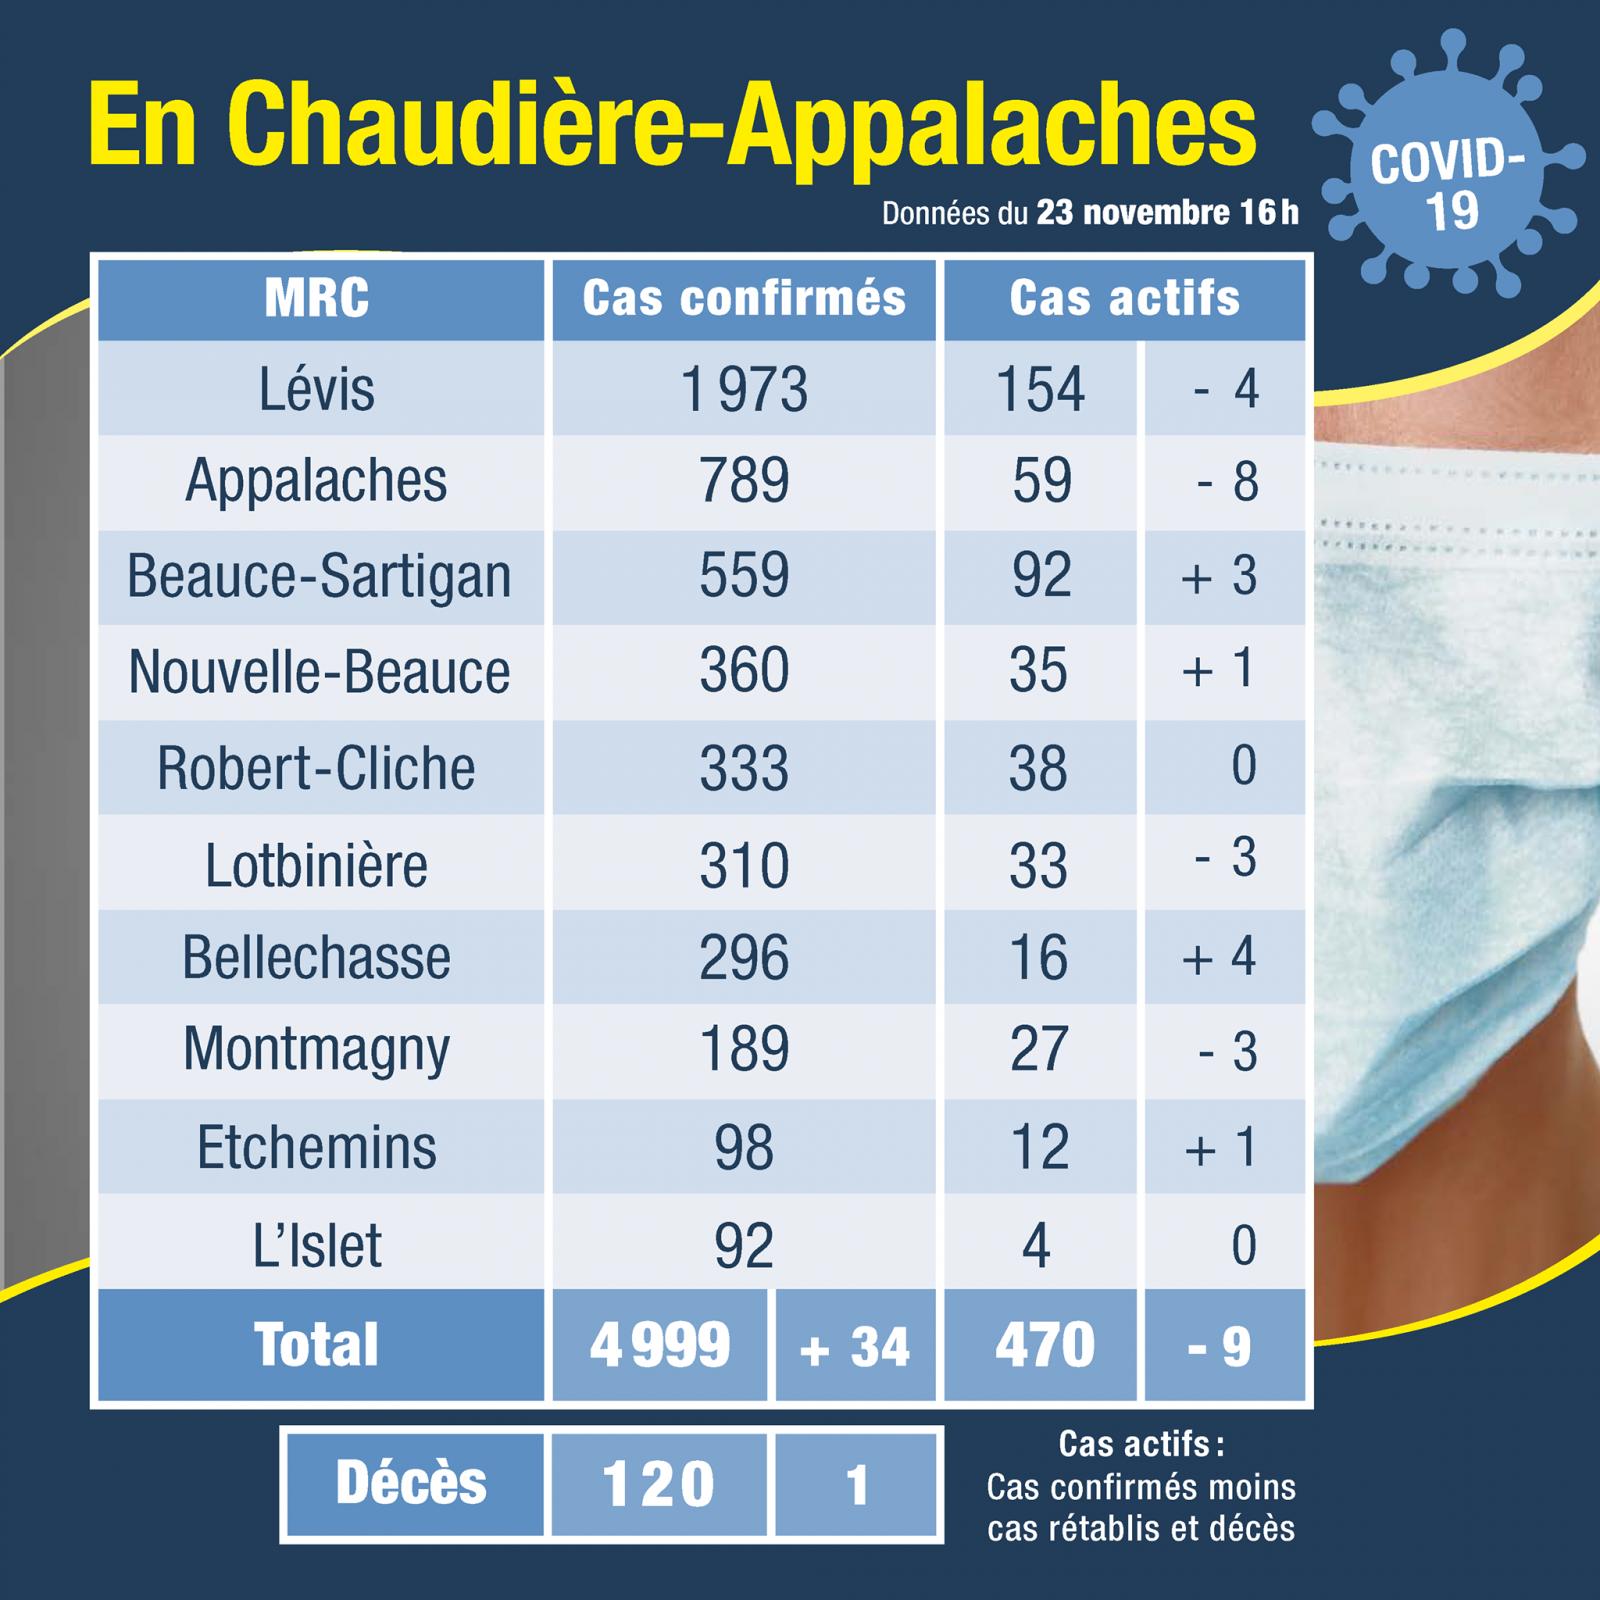 Deux cas actifs chez les usagers et sept cas actifs chez les travailleurs de l'Hôpital de Montmagny